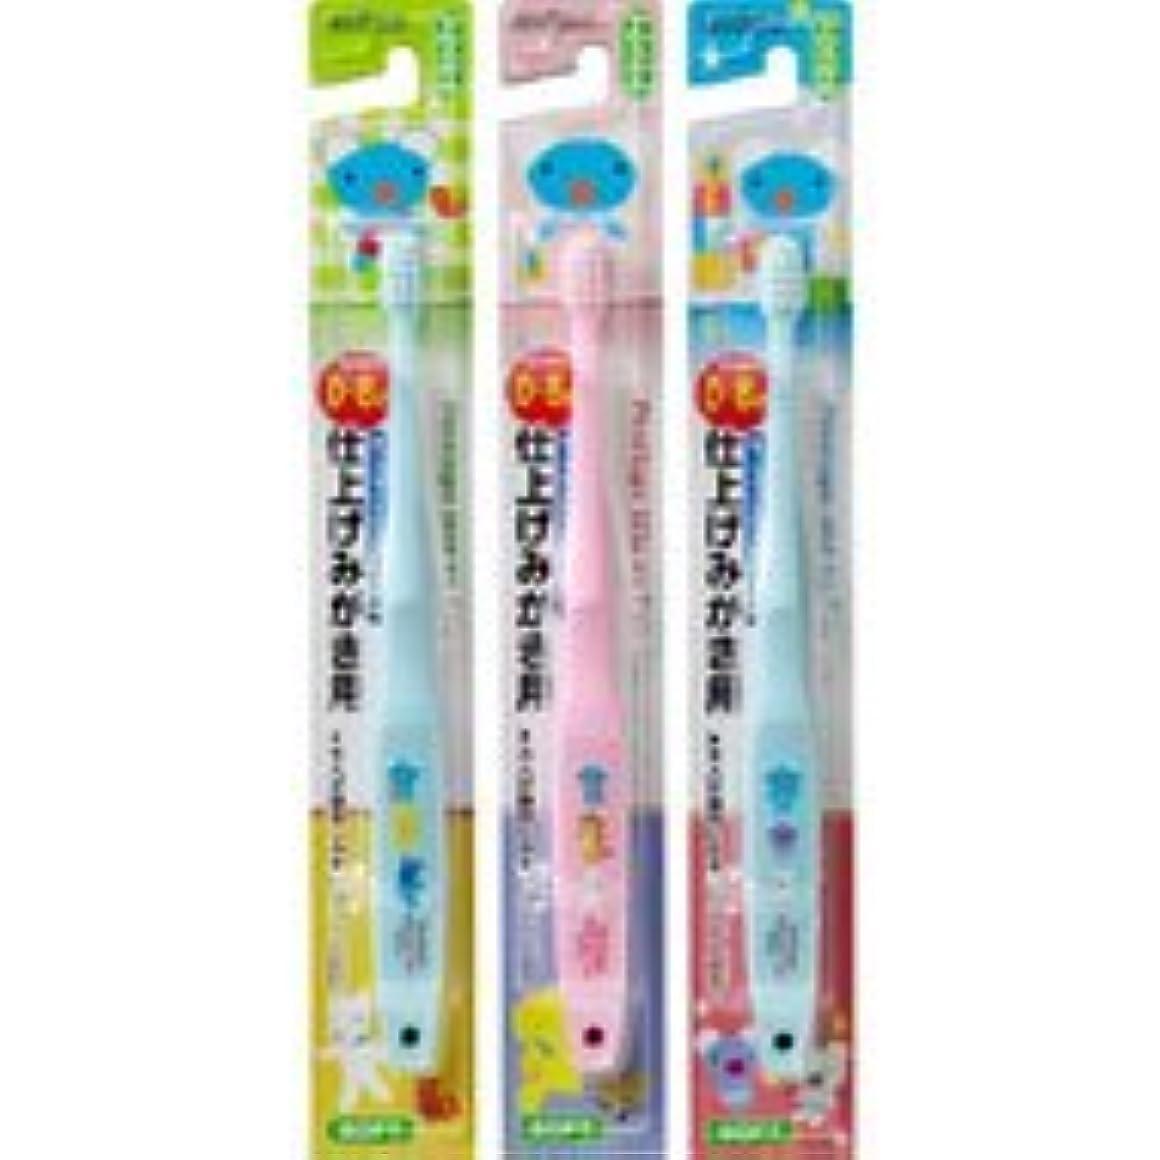 動物人事ブラザーペネロペ仕上げ磨き用歯ブラシ 3本 ※種類は当店お任せとなります